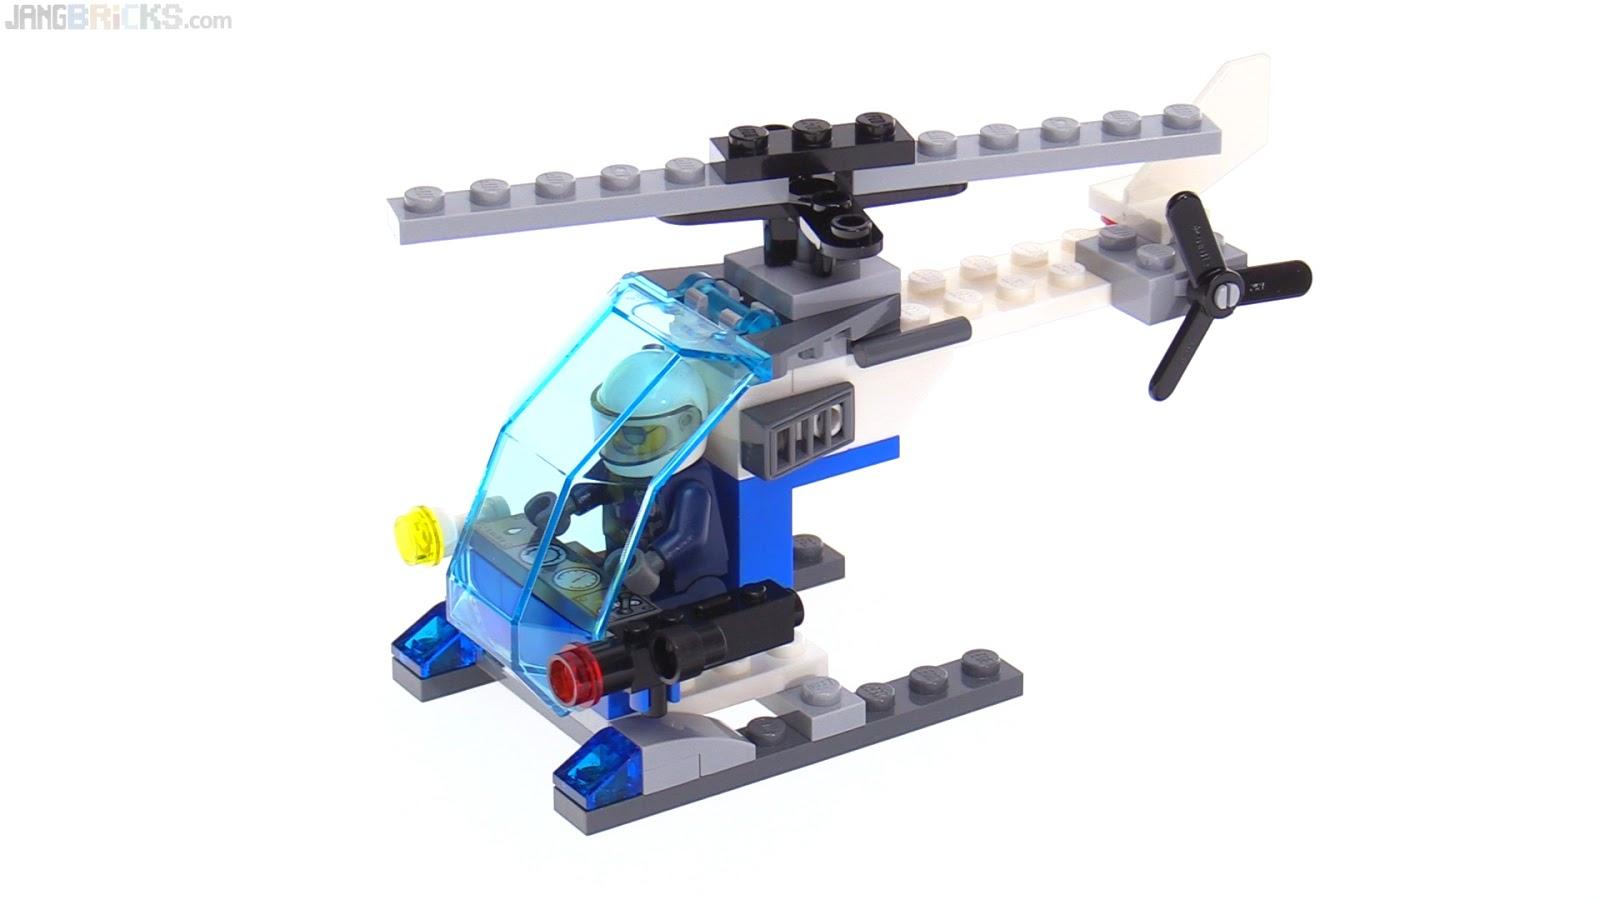 JANGBRiCKS LEGO reviews & MOCs